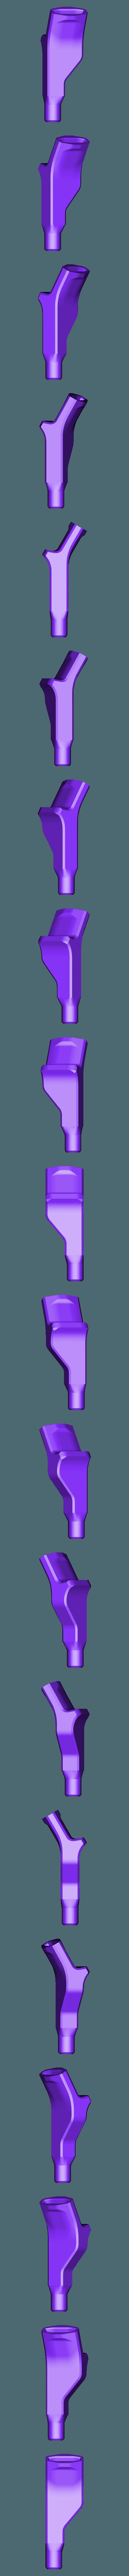 X_6mm_to_Whistle.stl Télécharger fichier STL gratuit Moteur pneumatique radial simple • Modèle pour imprimante 3D, Slava_Z